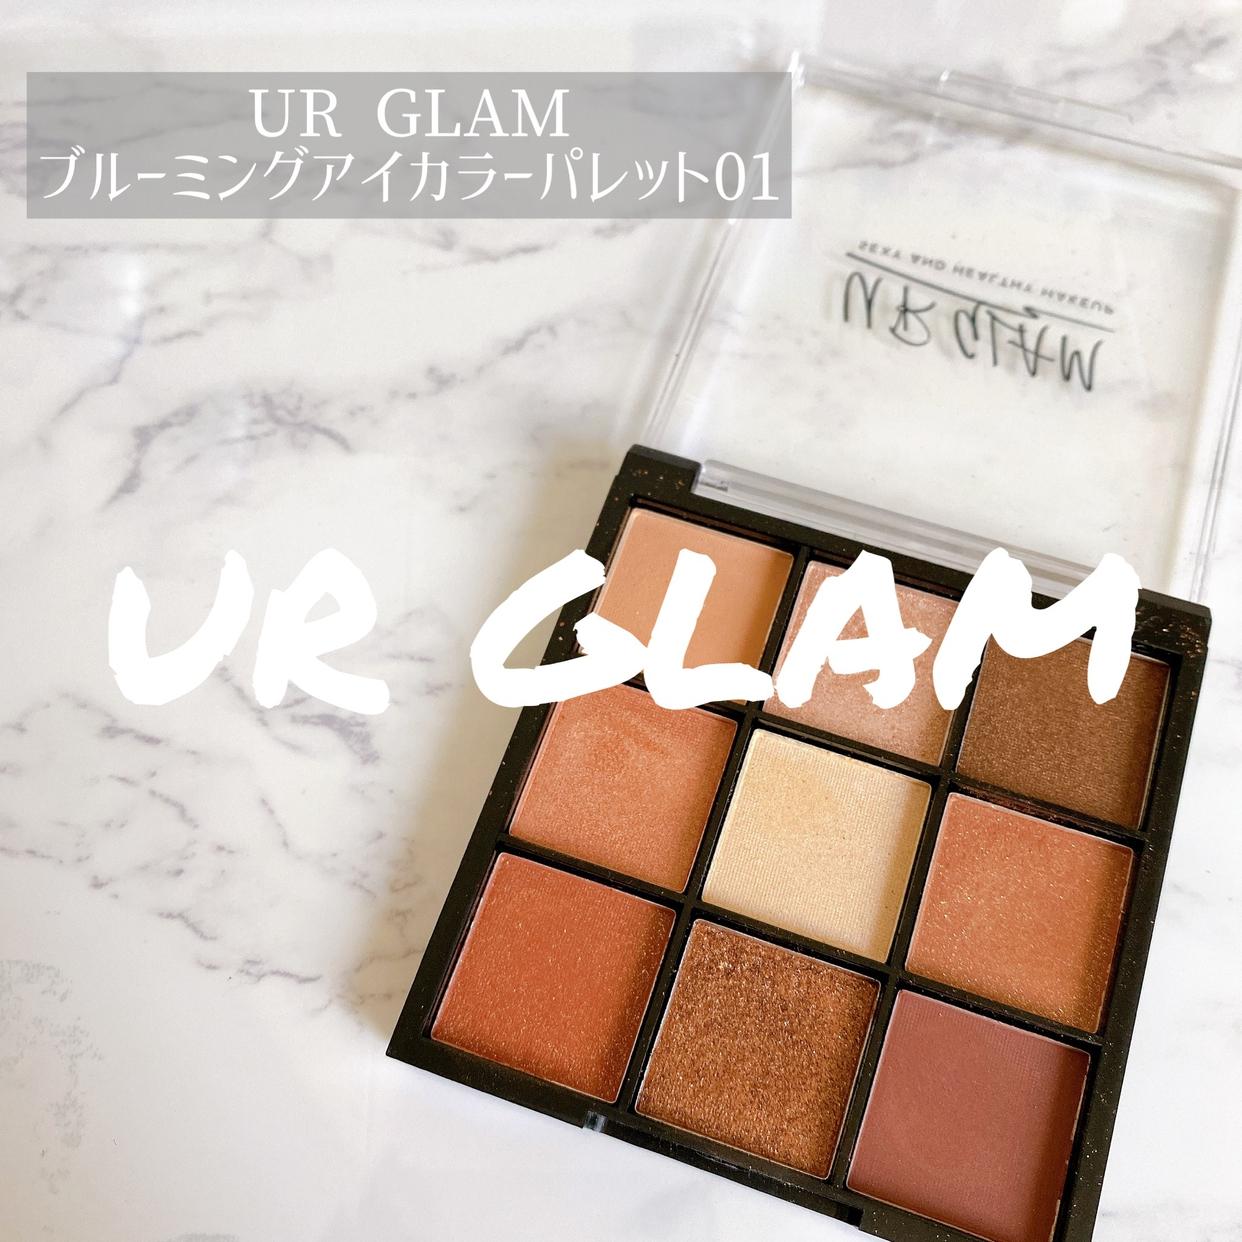 UR GLAM(ユーアーグラム) ブルーミングアイカラーパレットを使ったmimimi.beautyさんのクチコミ画像1